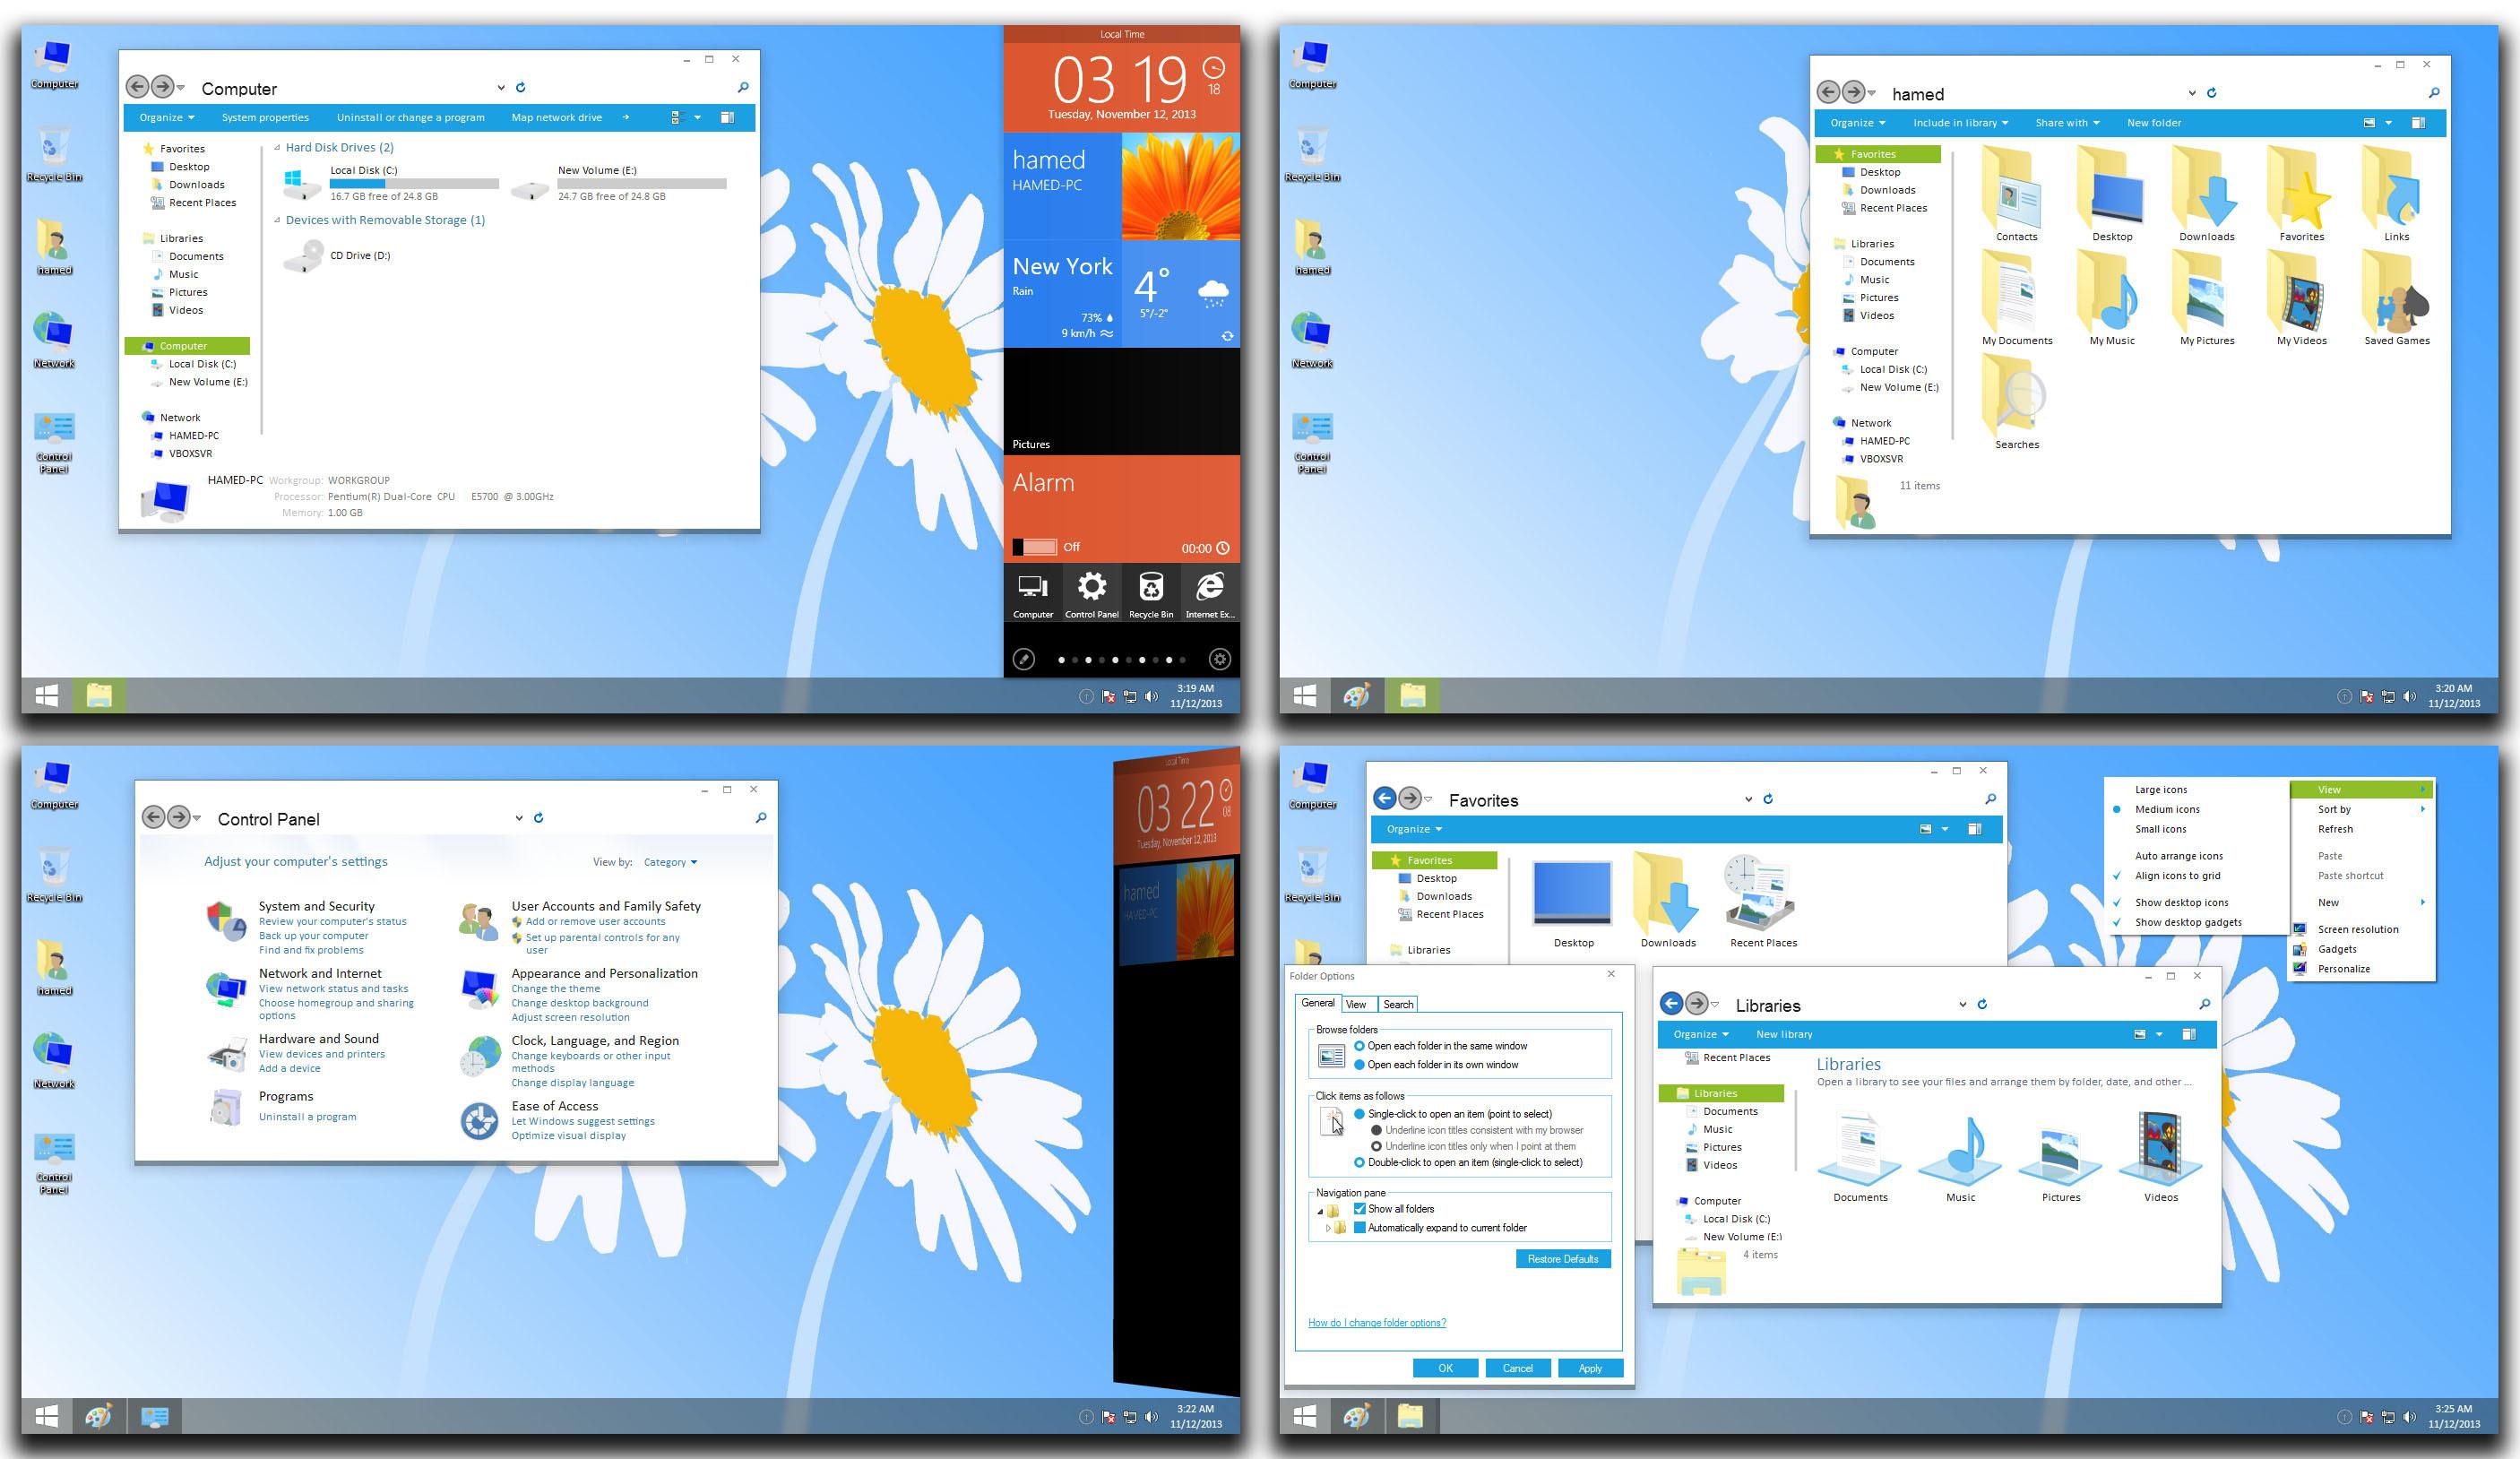 Giao diện windows 9 mới nhất - cực hot cho win 8